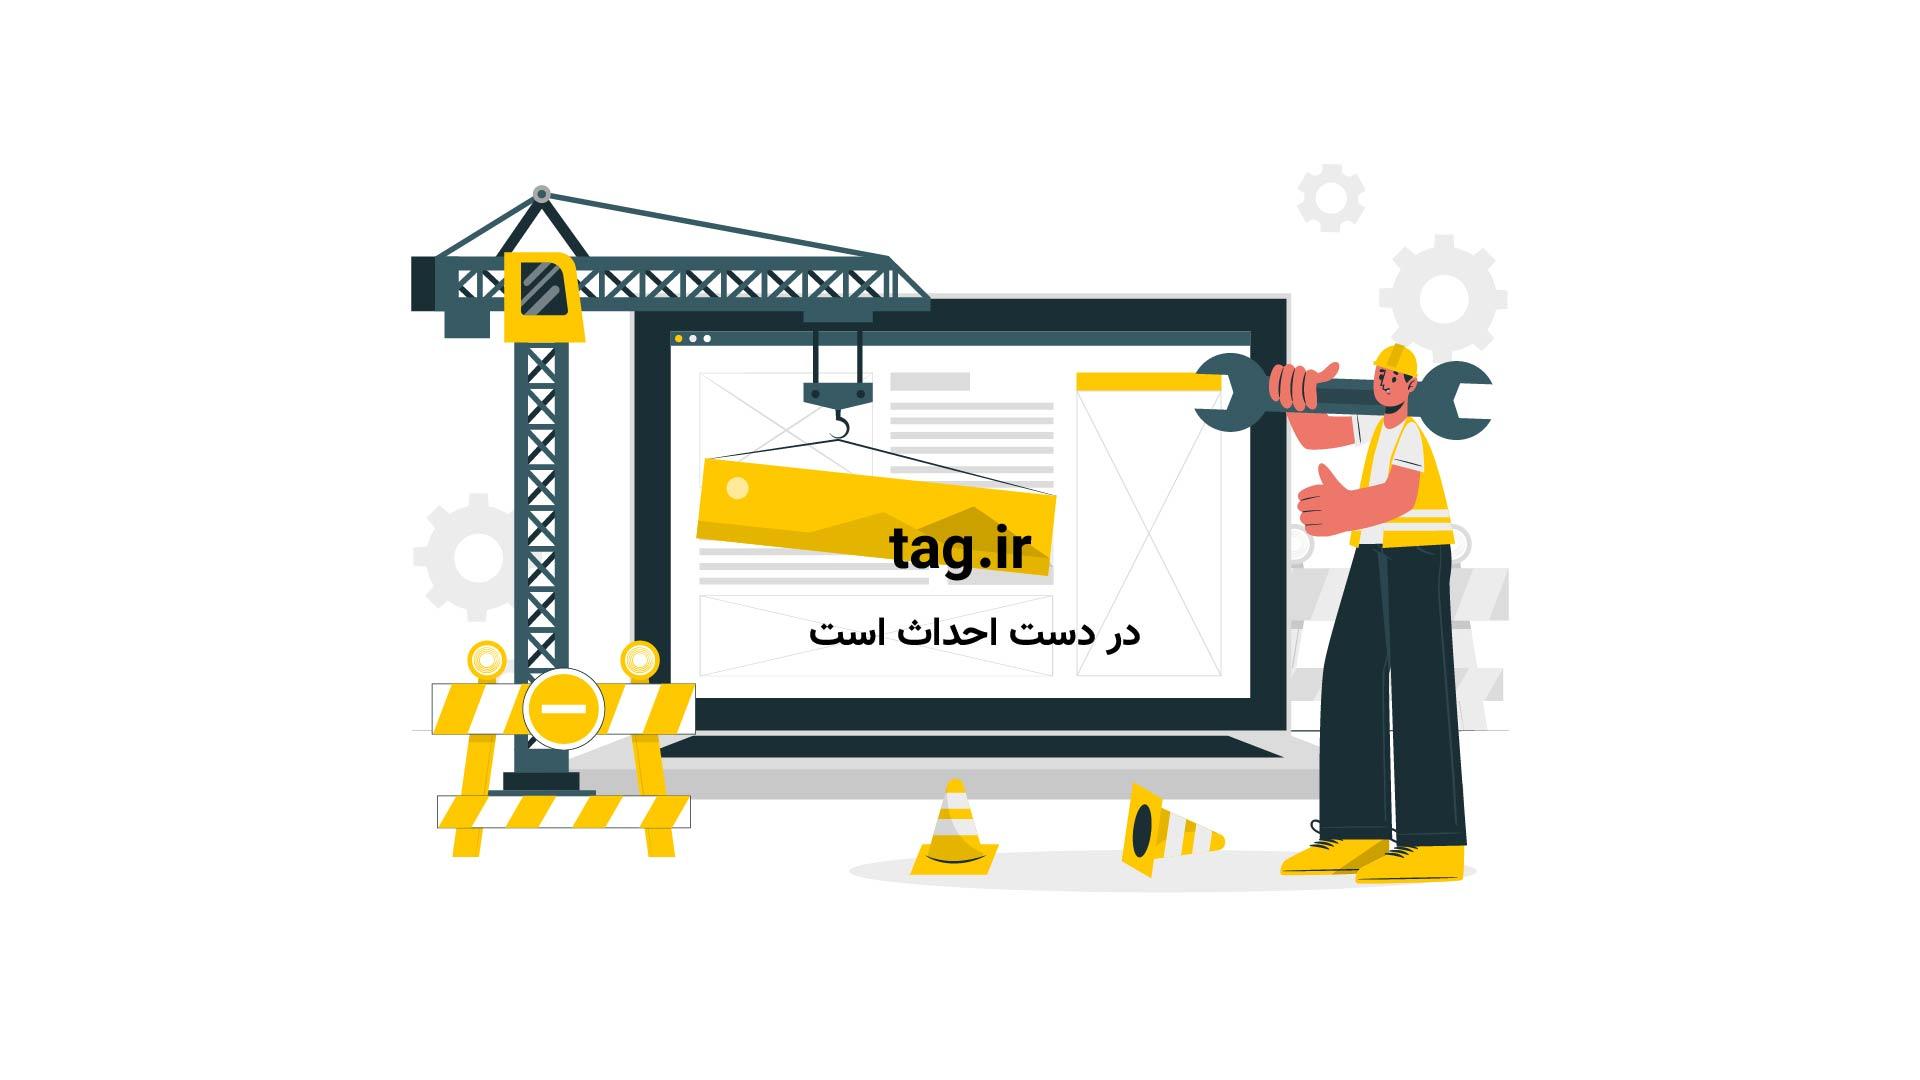 تشییع جنازه عارف لرستانی در کرمانشاه| تگ